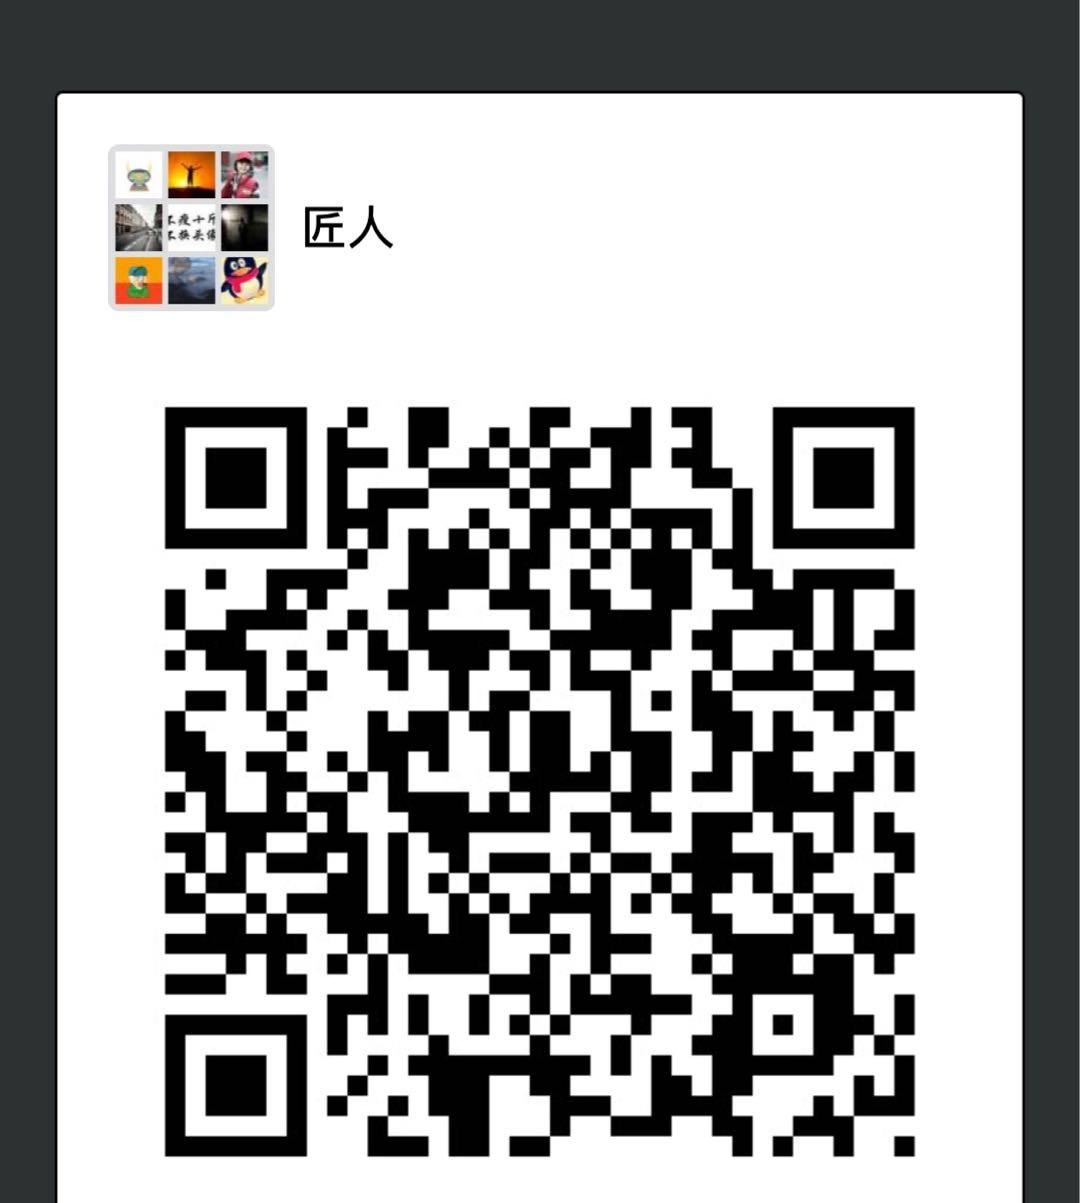 833857167640143241.jpg